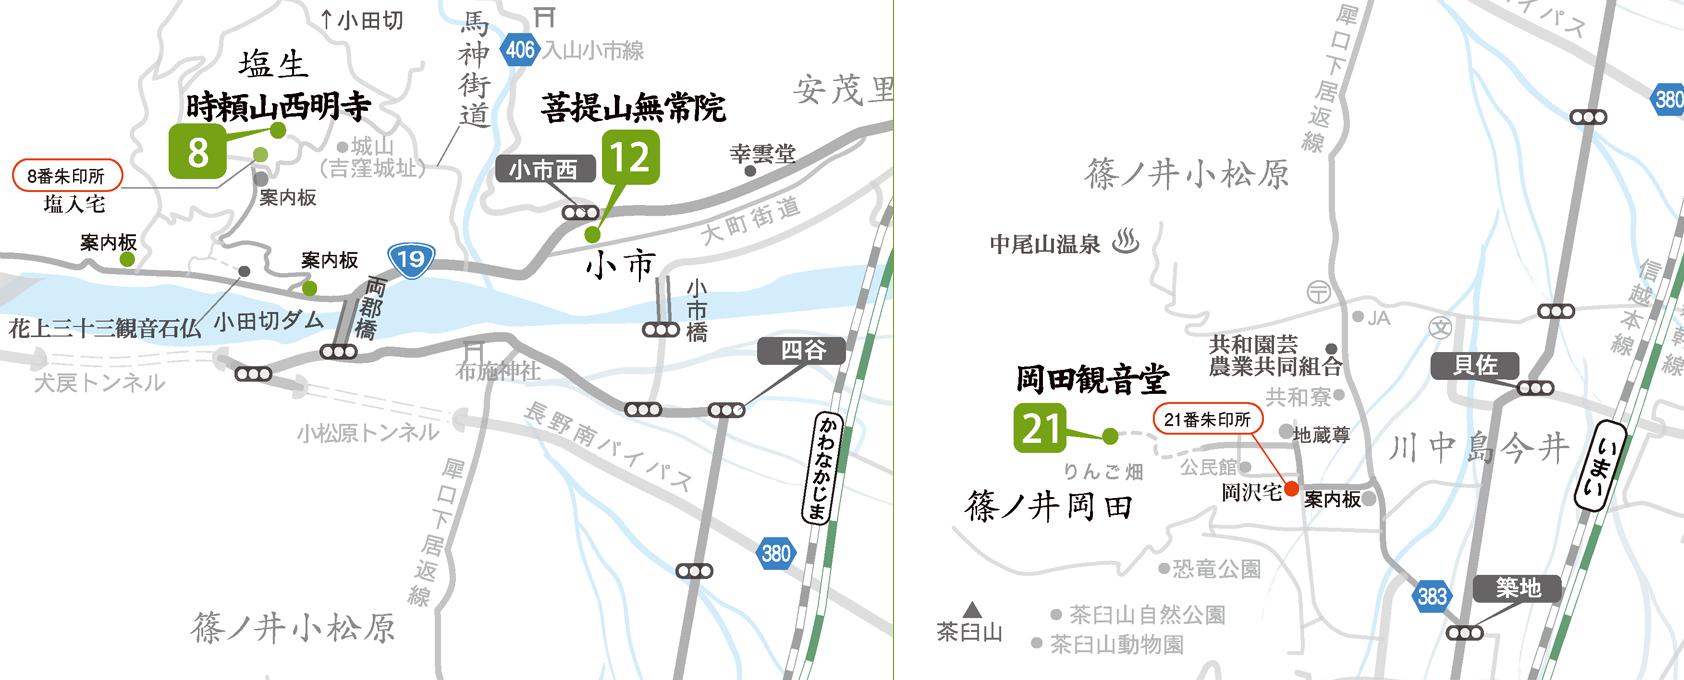 大町街道・戸隠街道エリア地図